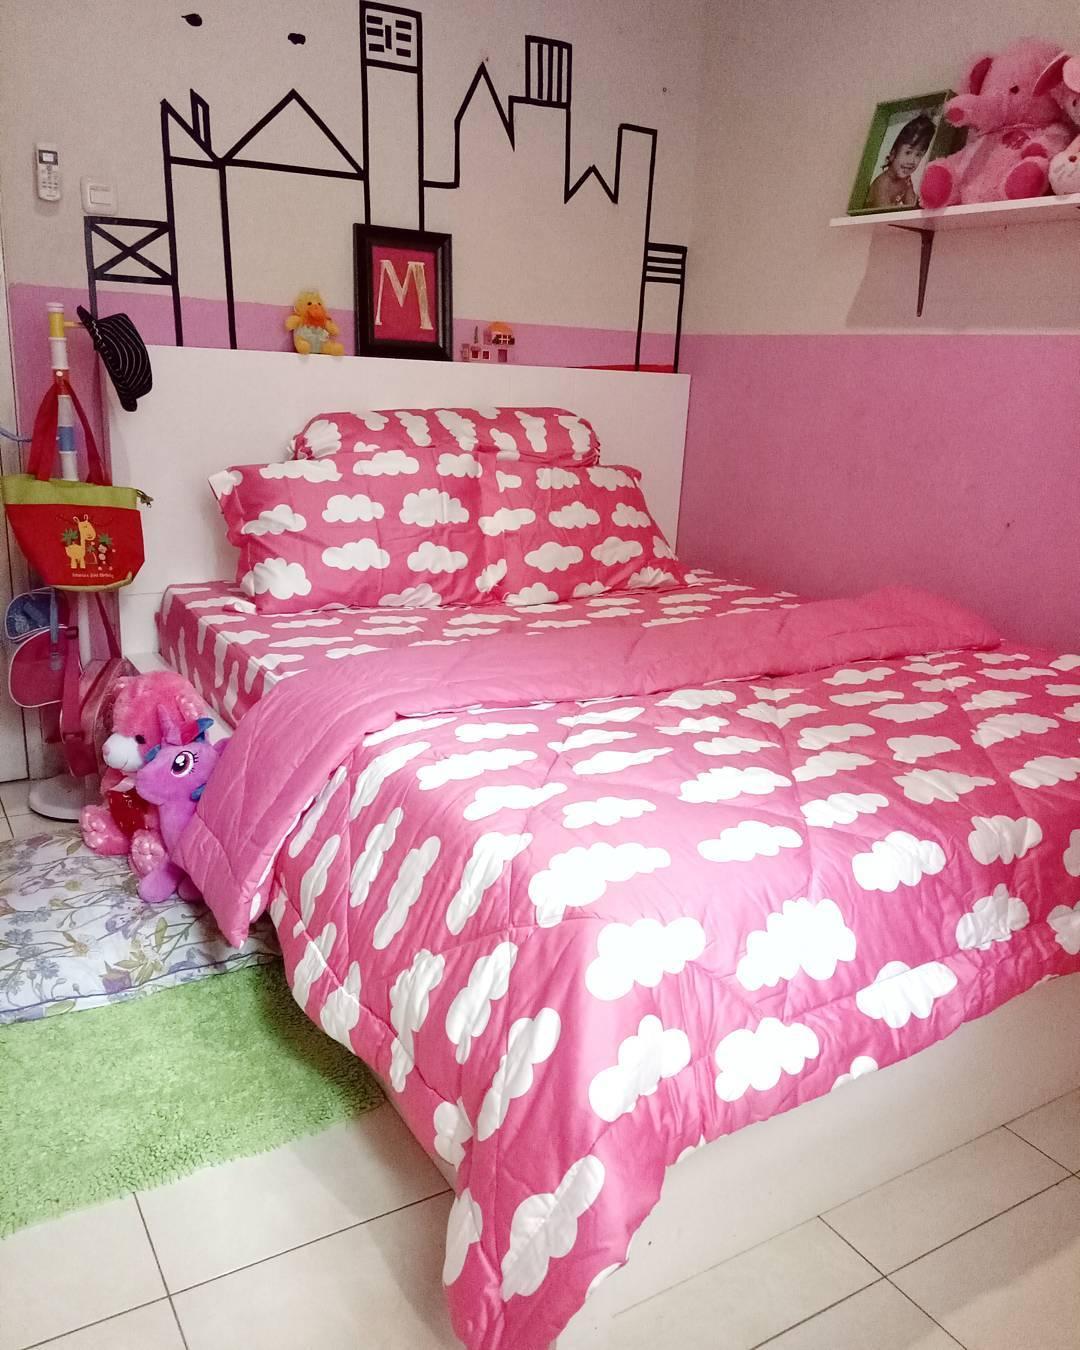 desain kamar tidur sempit sederhana warna pink | kumpulan desain rumah